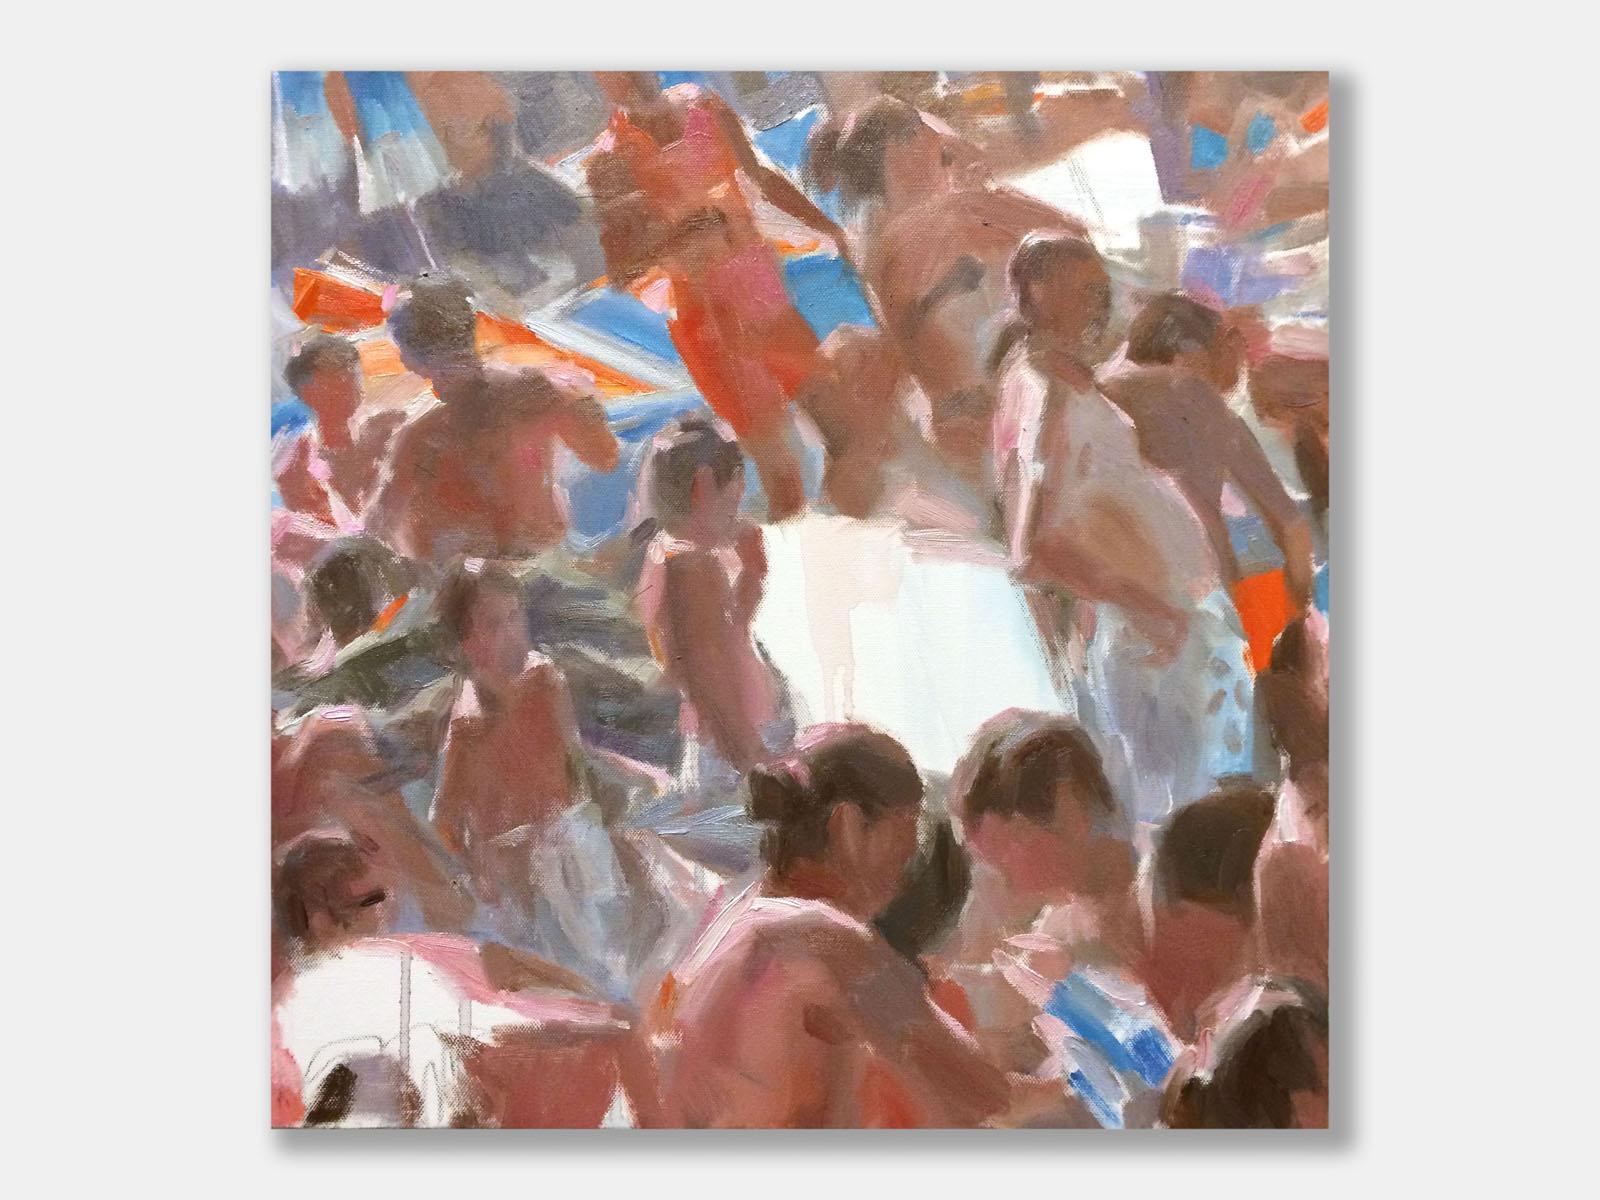 Andrea Mancini bagnanti 01620 Parlare col corpo 2014 olio 50x50